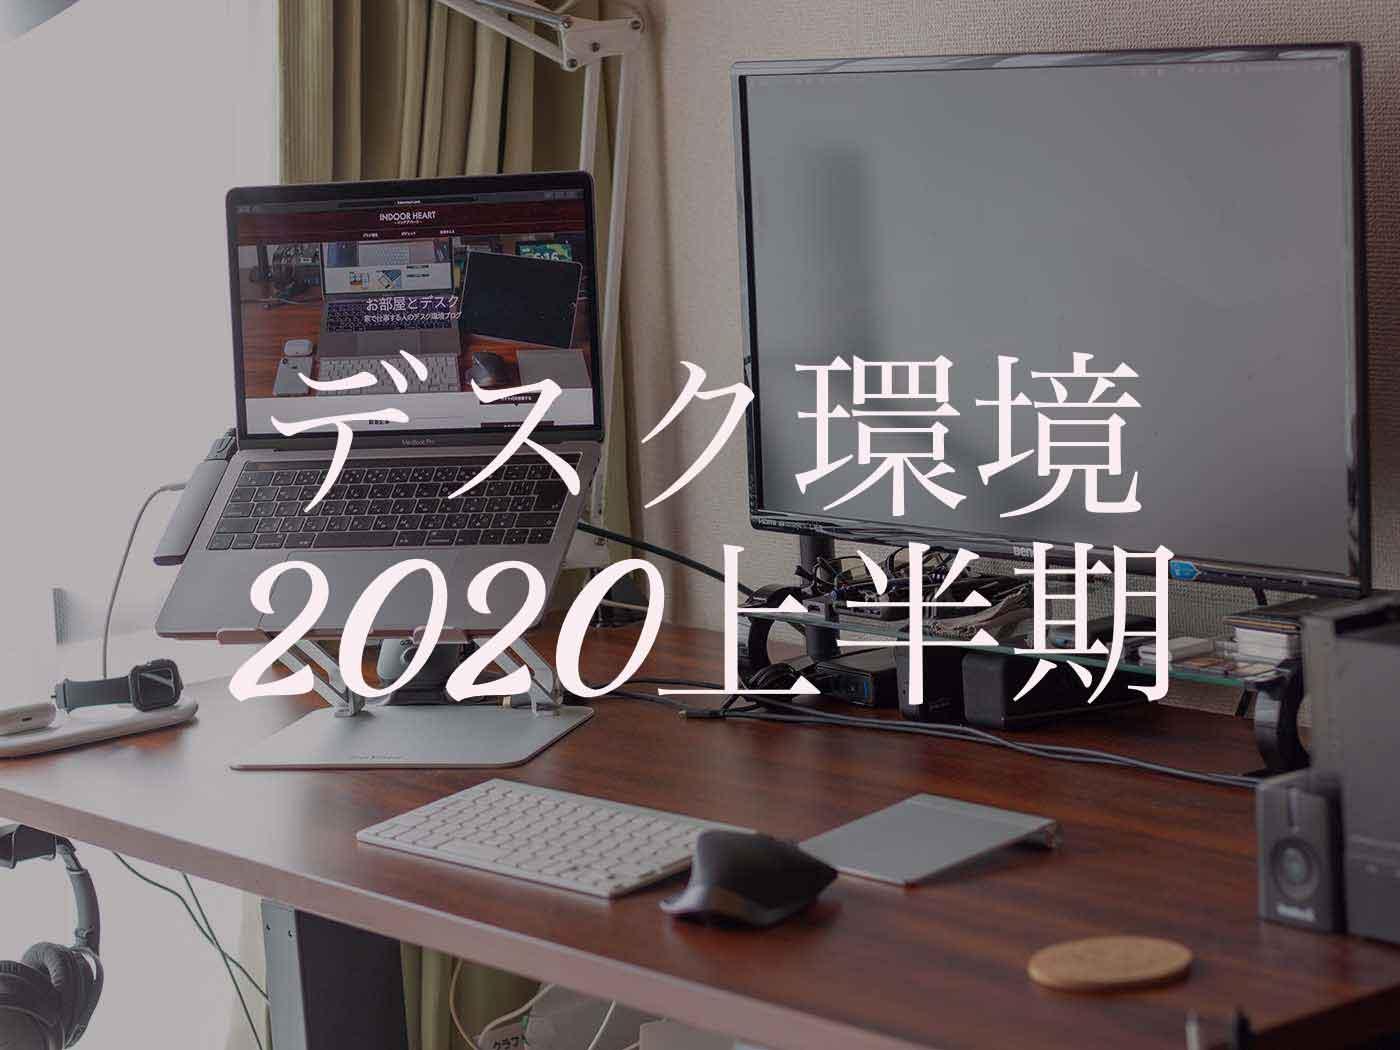 デスク環境まとめ2020年上半期